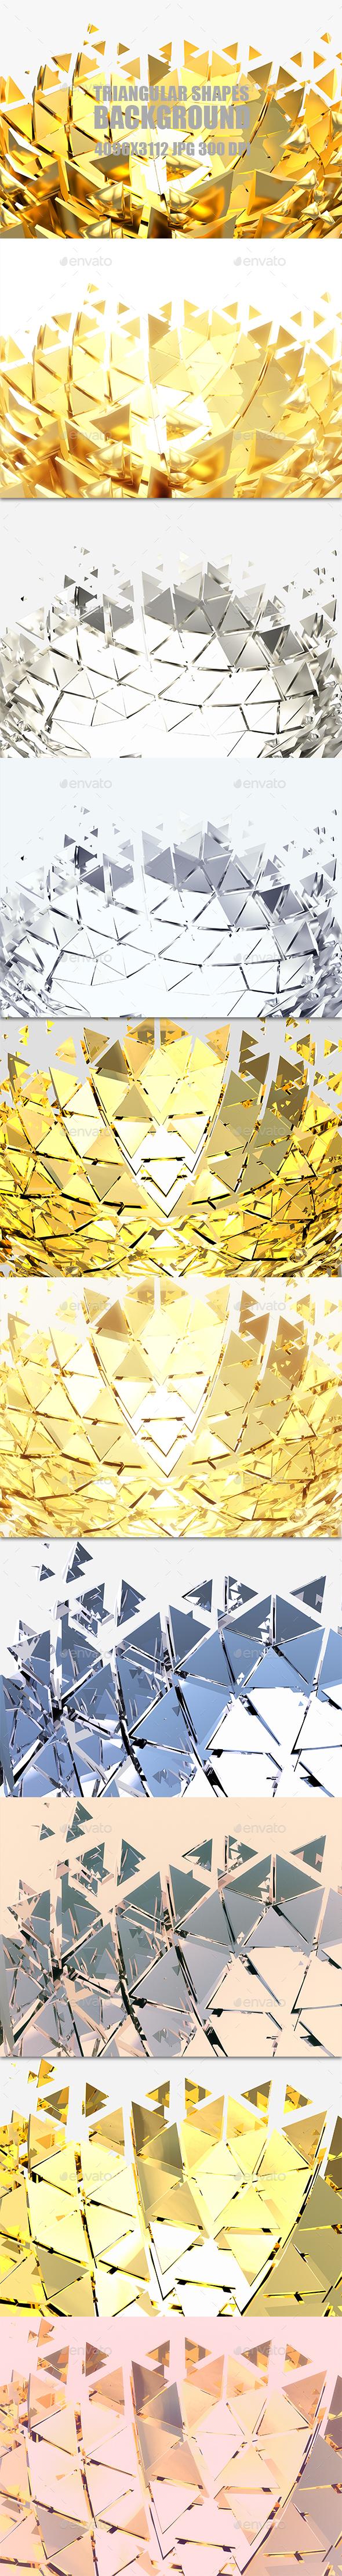 Graphicriver Triangular Shapes 19524076